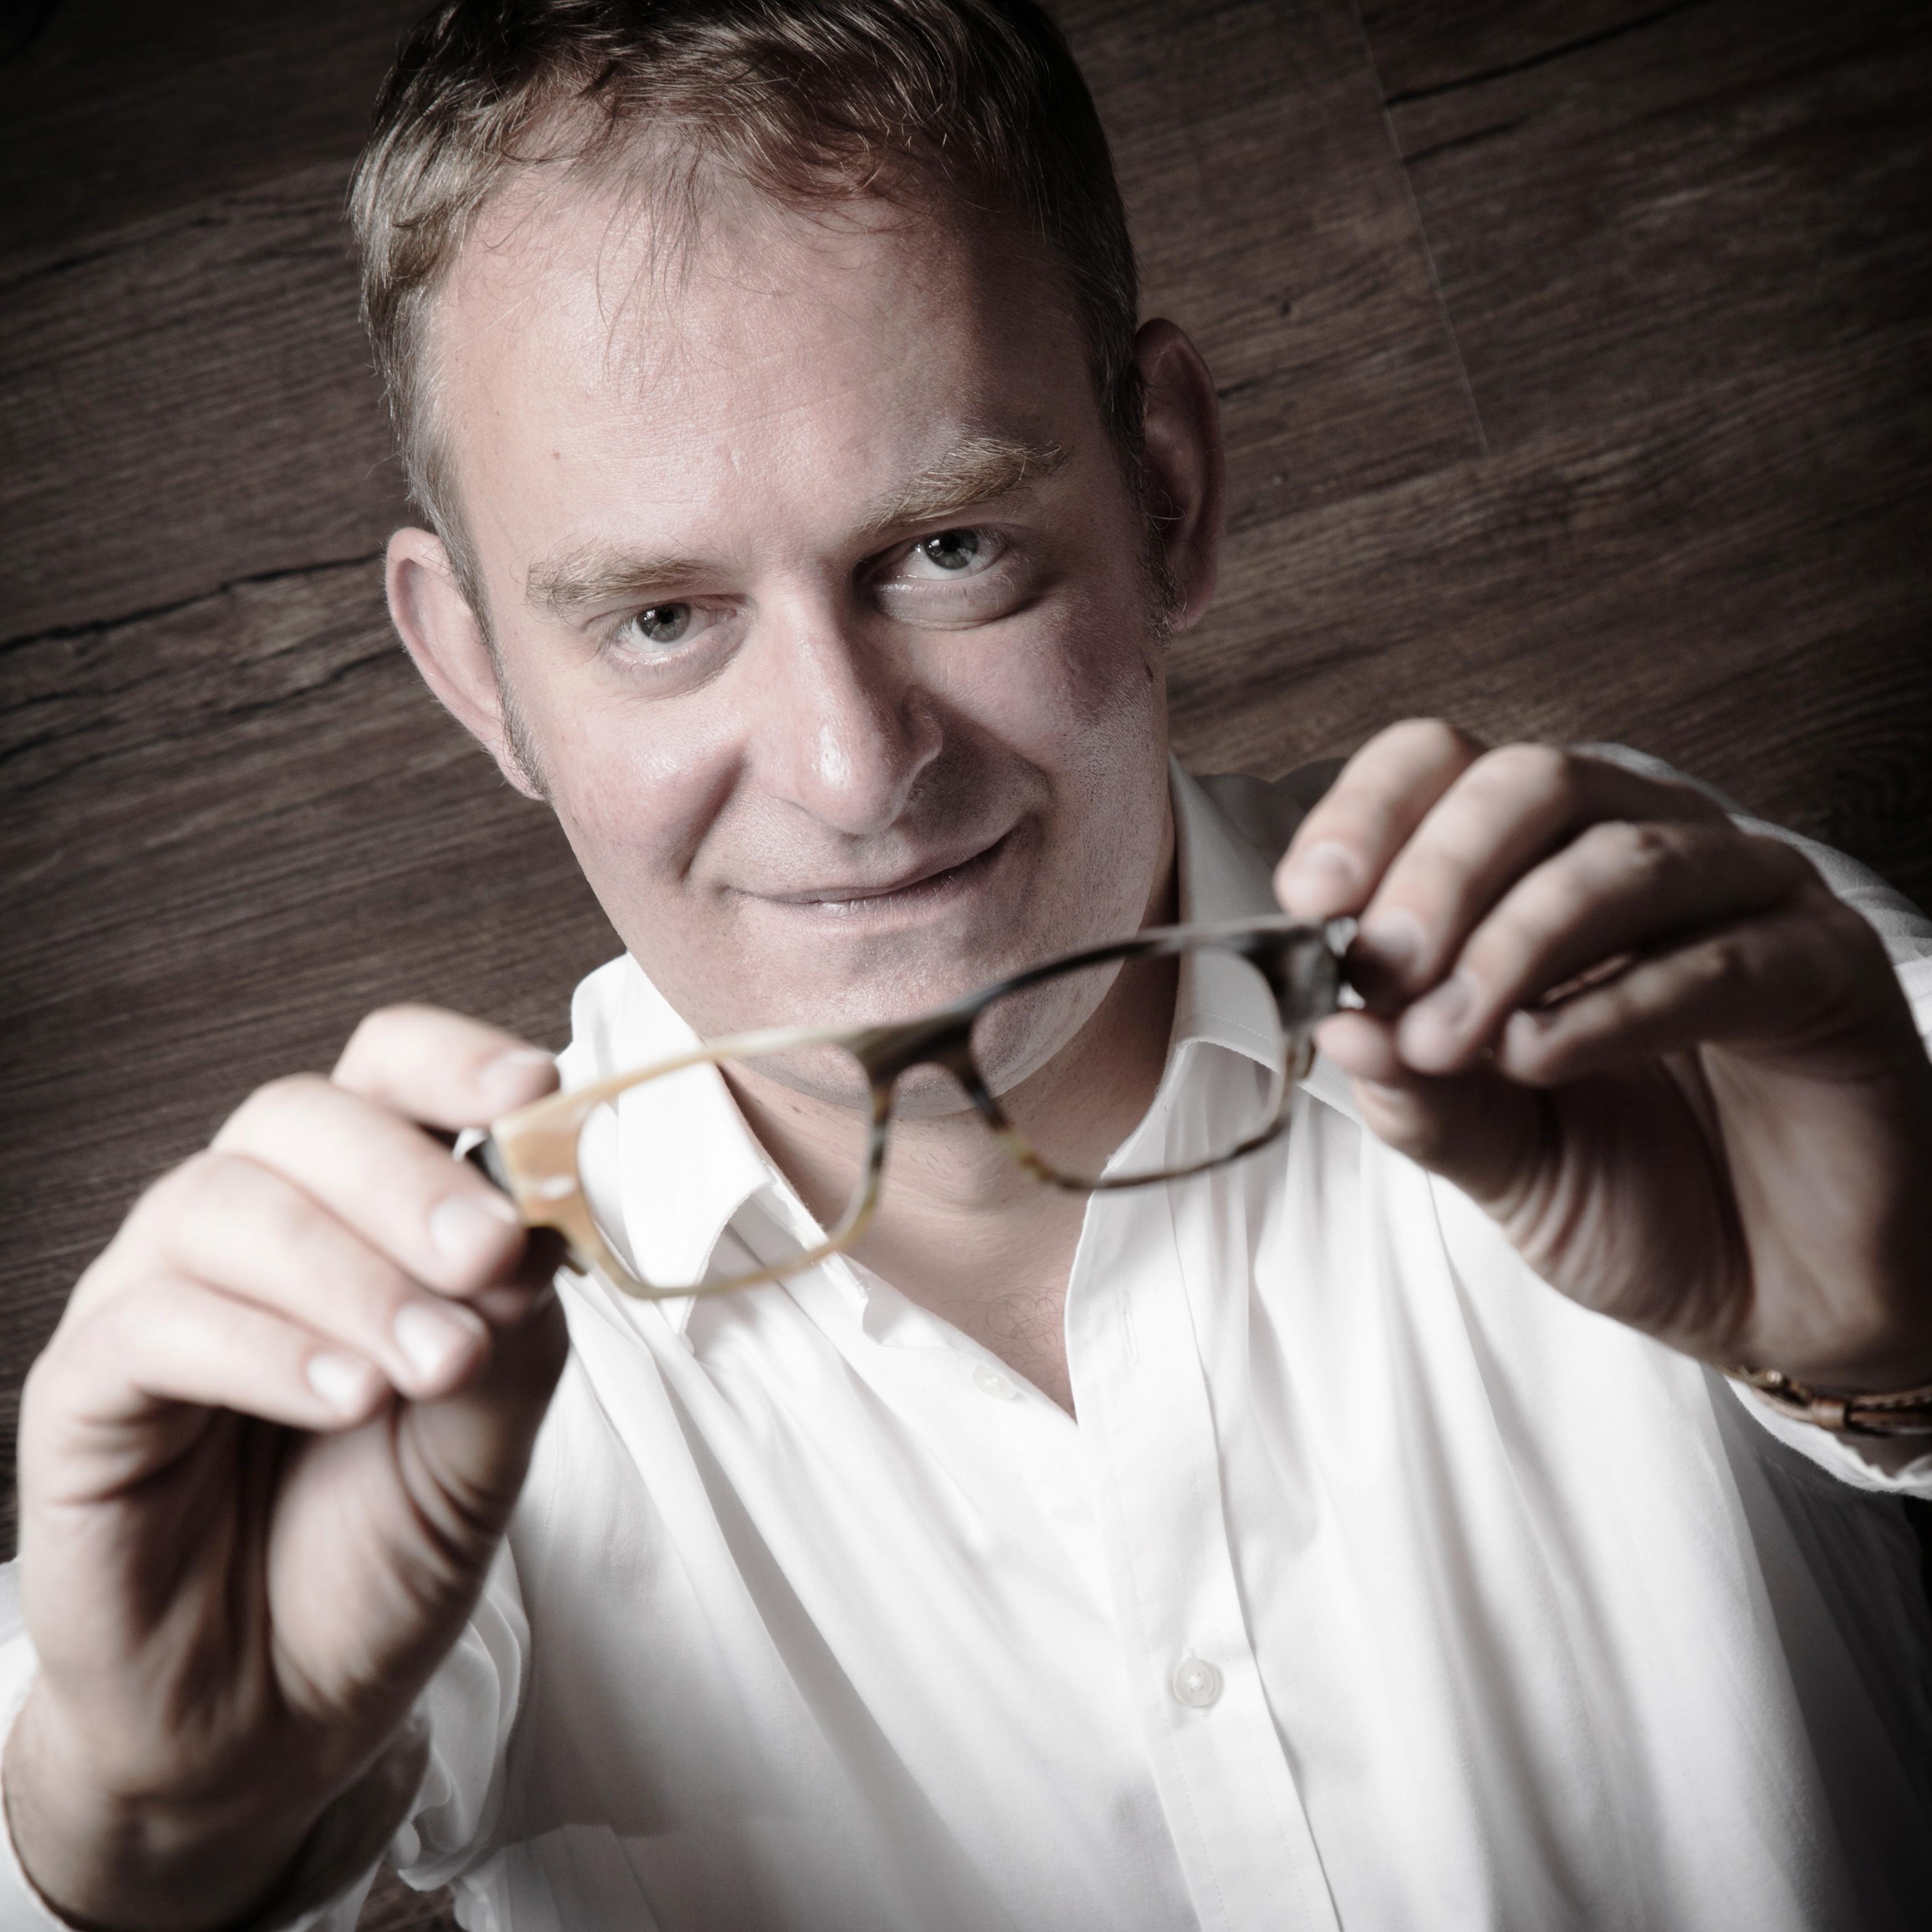 Bespoke Eyeglasses Consult.